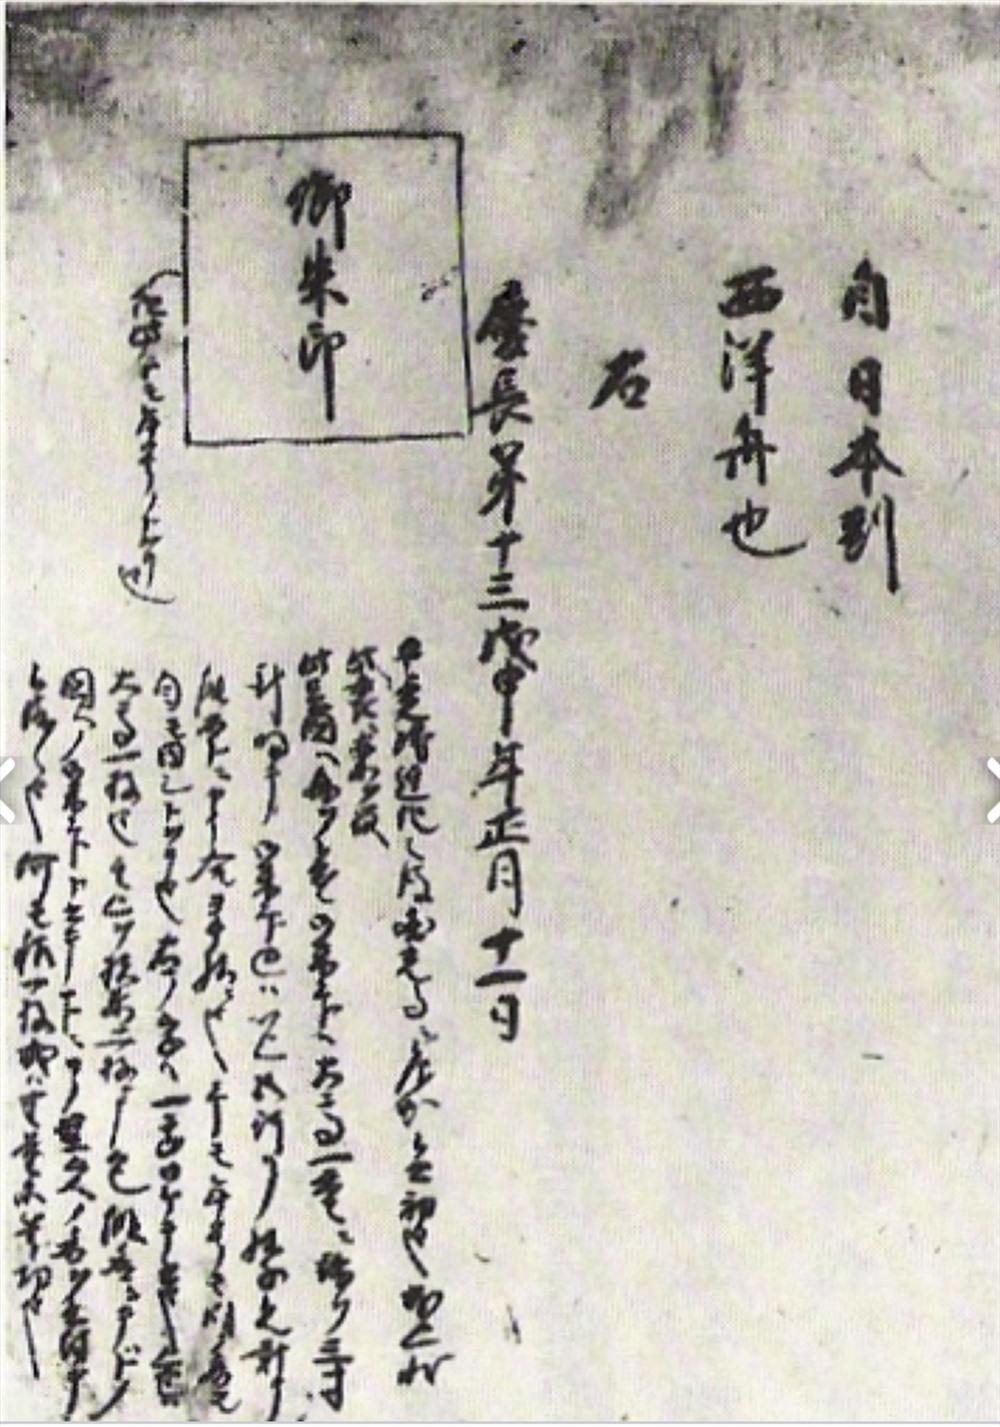 Một tờ Ngự chu ấn trạng của tàu buôn Nhật Bản. Ảnh: T.L